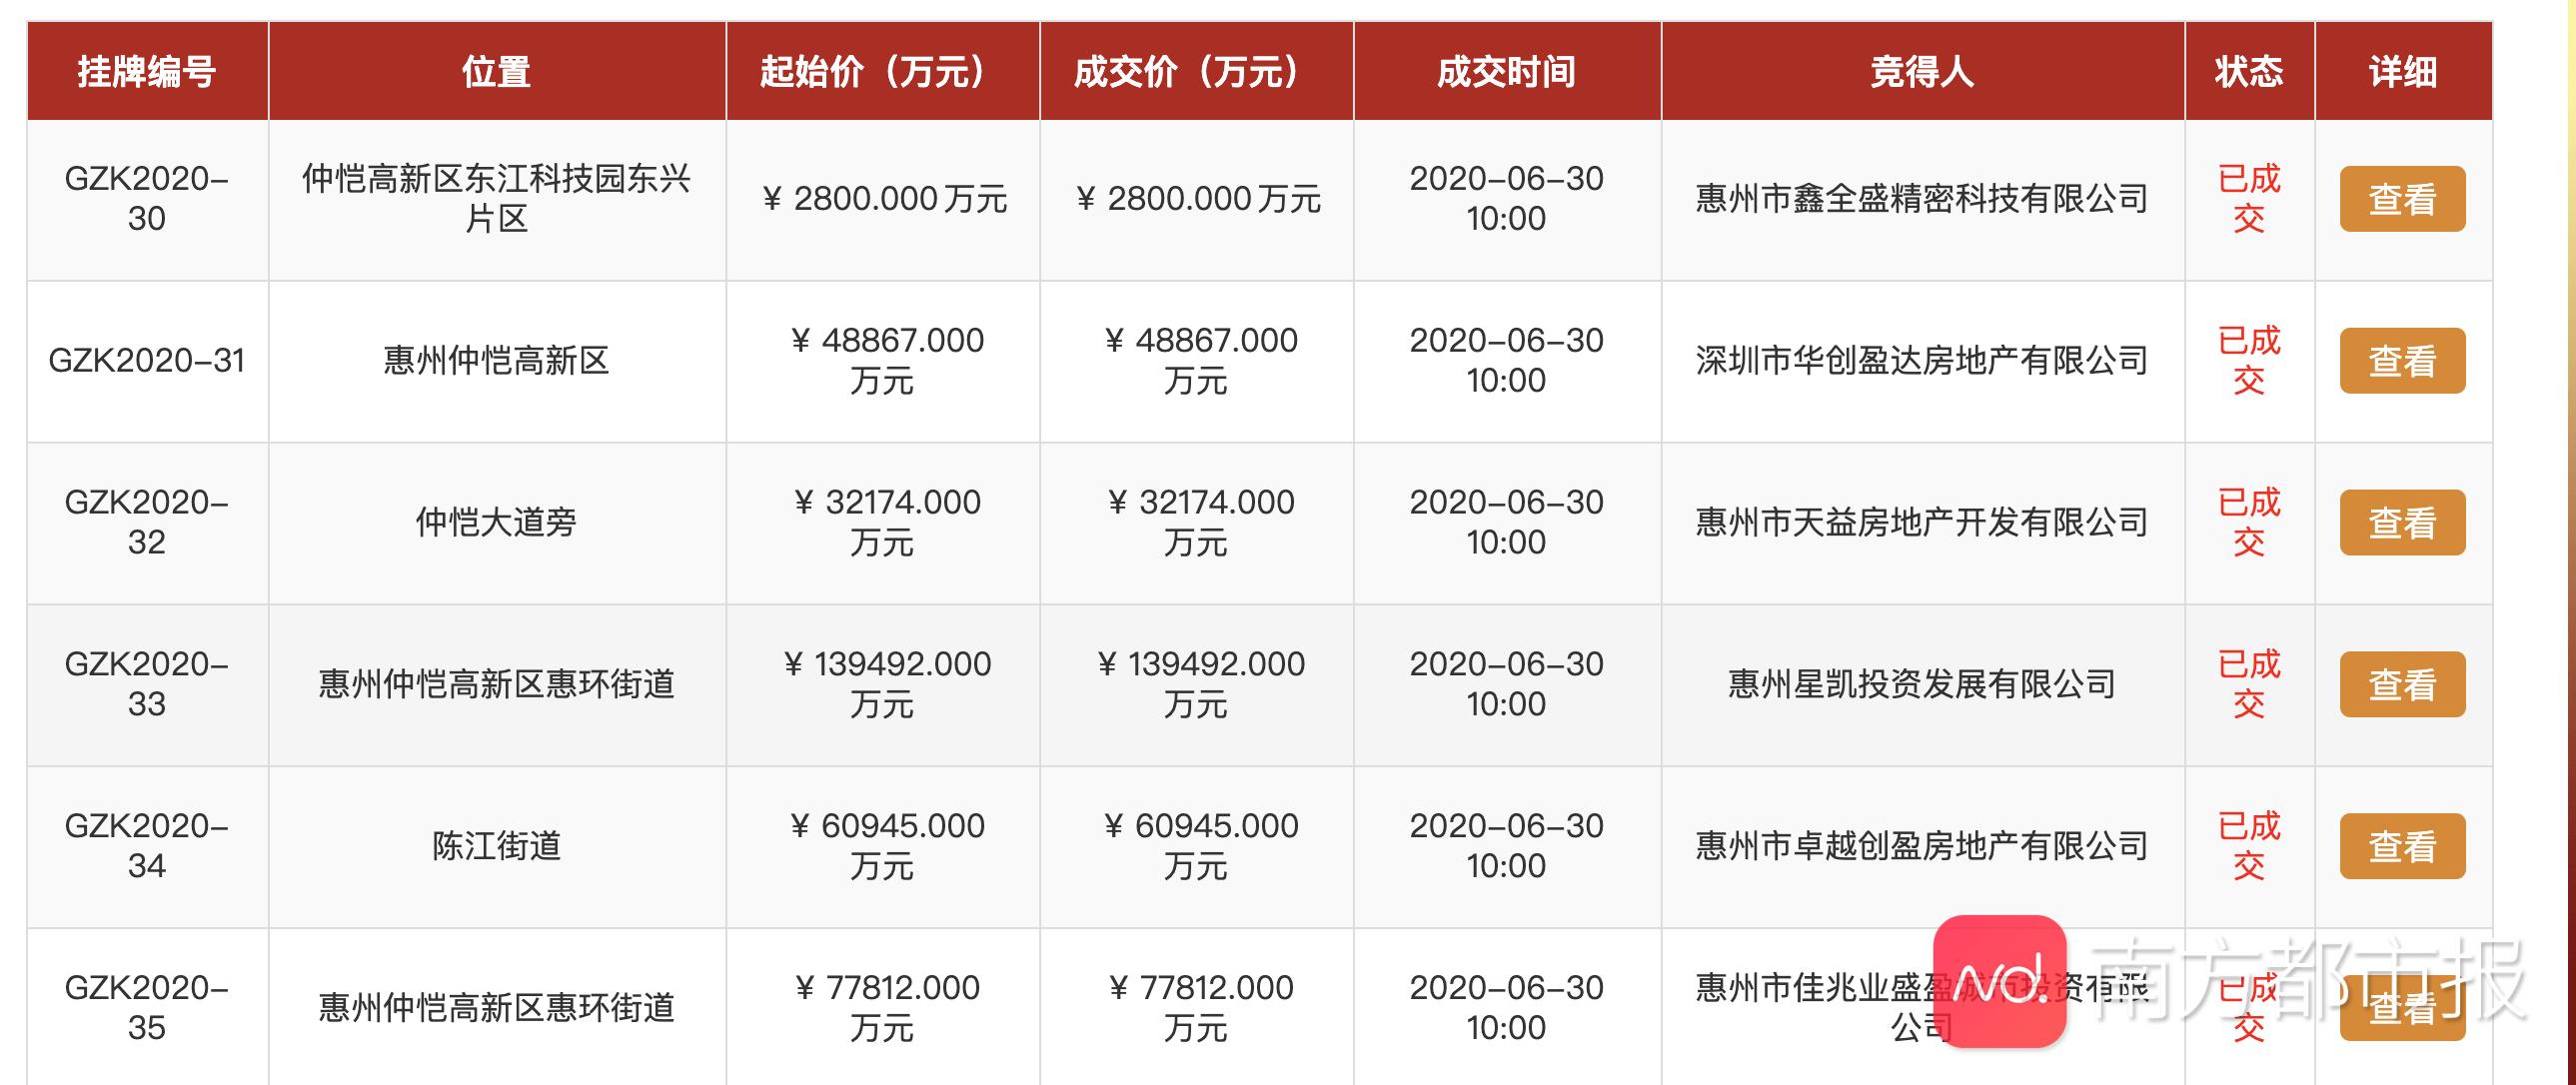 仲恺5宗城市更新地块出让,总价近36亿,回迁面